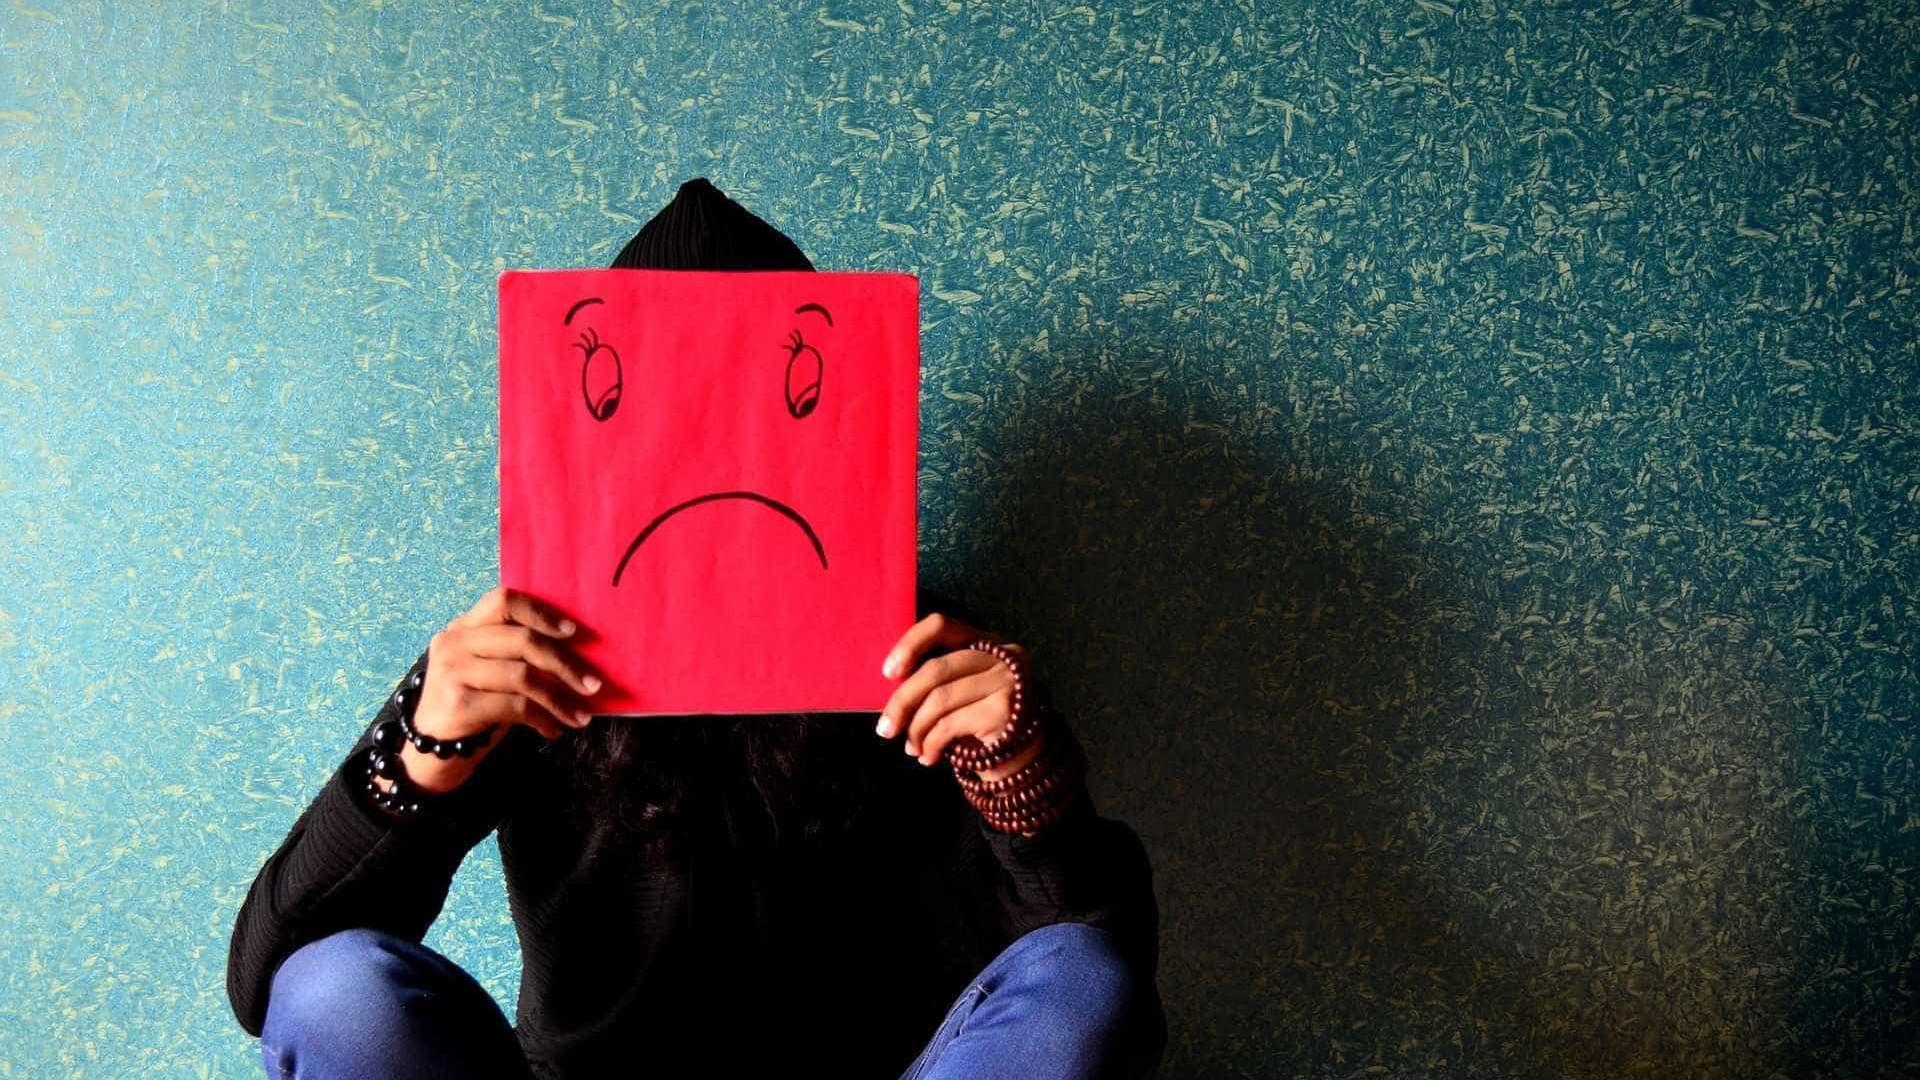 'Genética da depressão' pode ser reversível